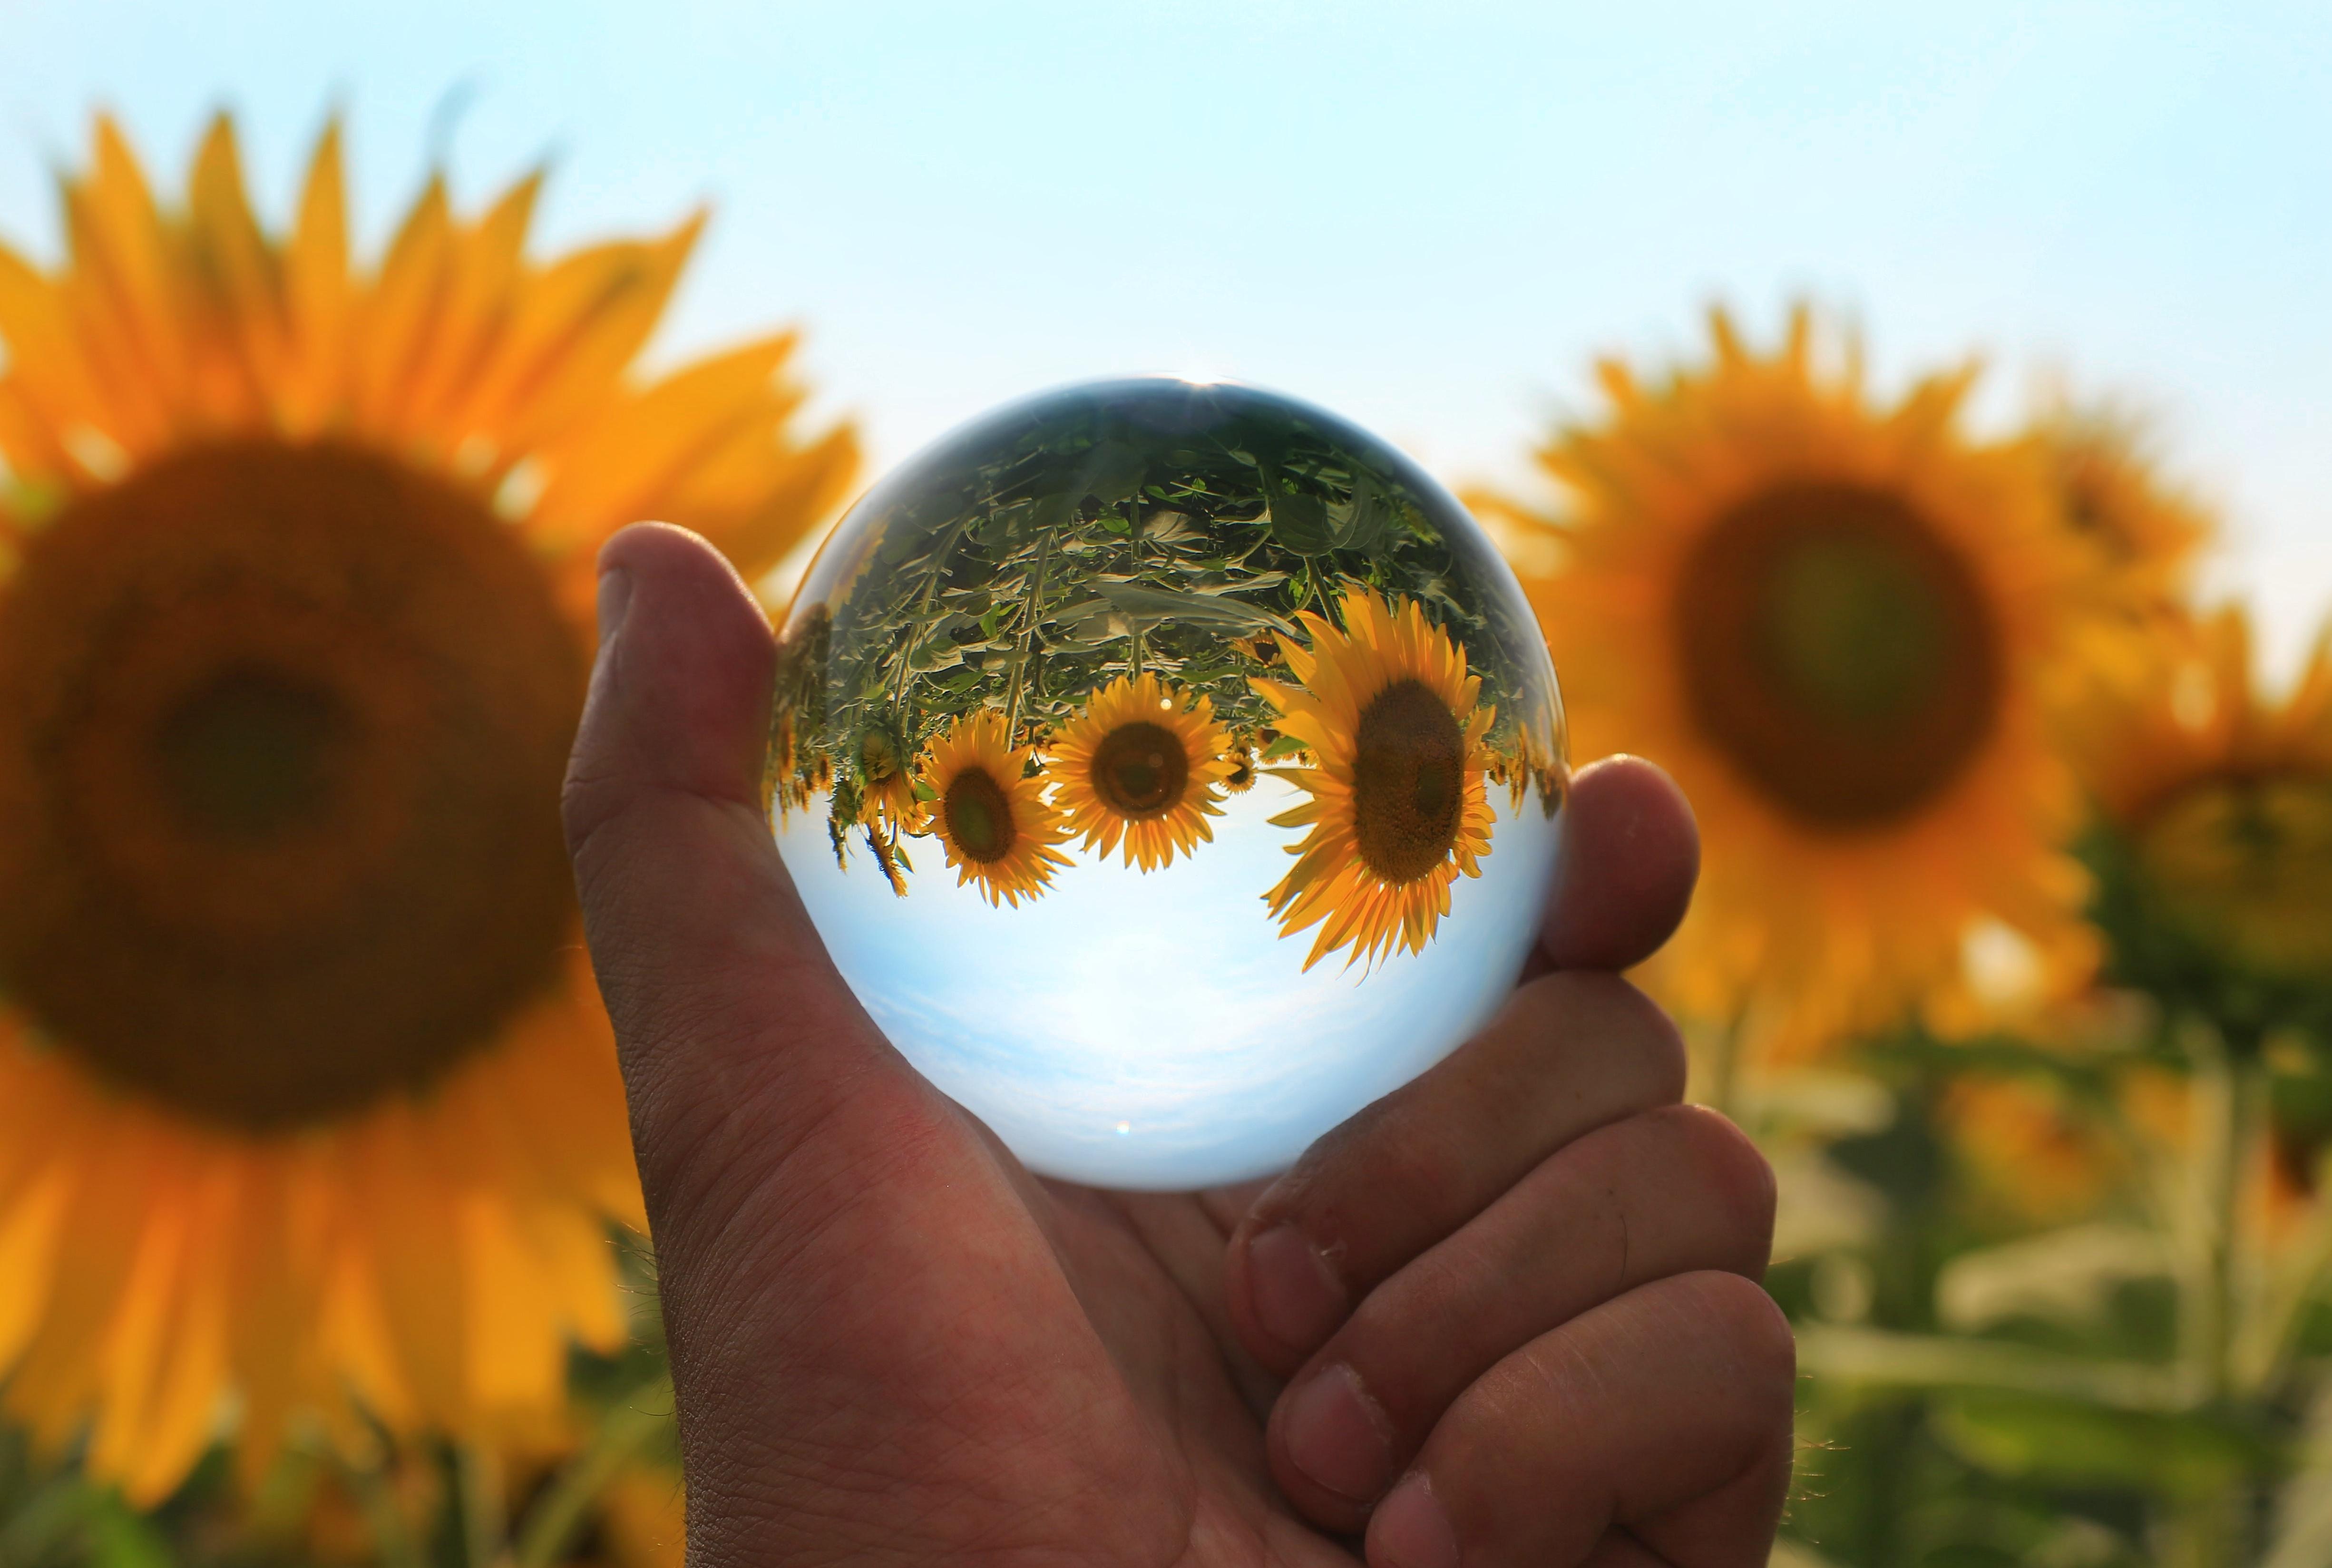 水晶球に詰め込んだ向日葵の思い出の写真